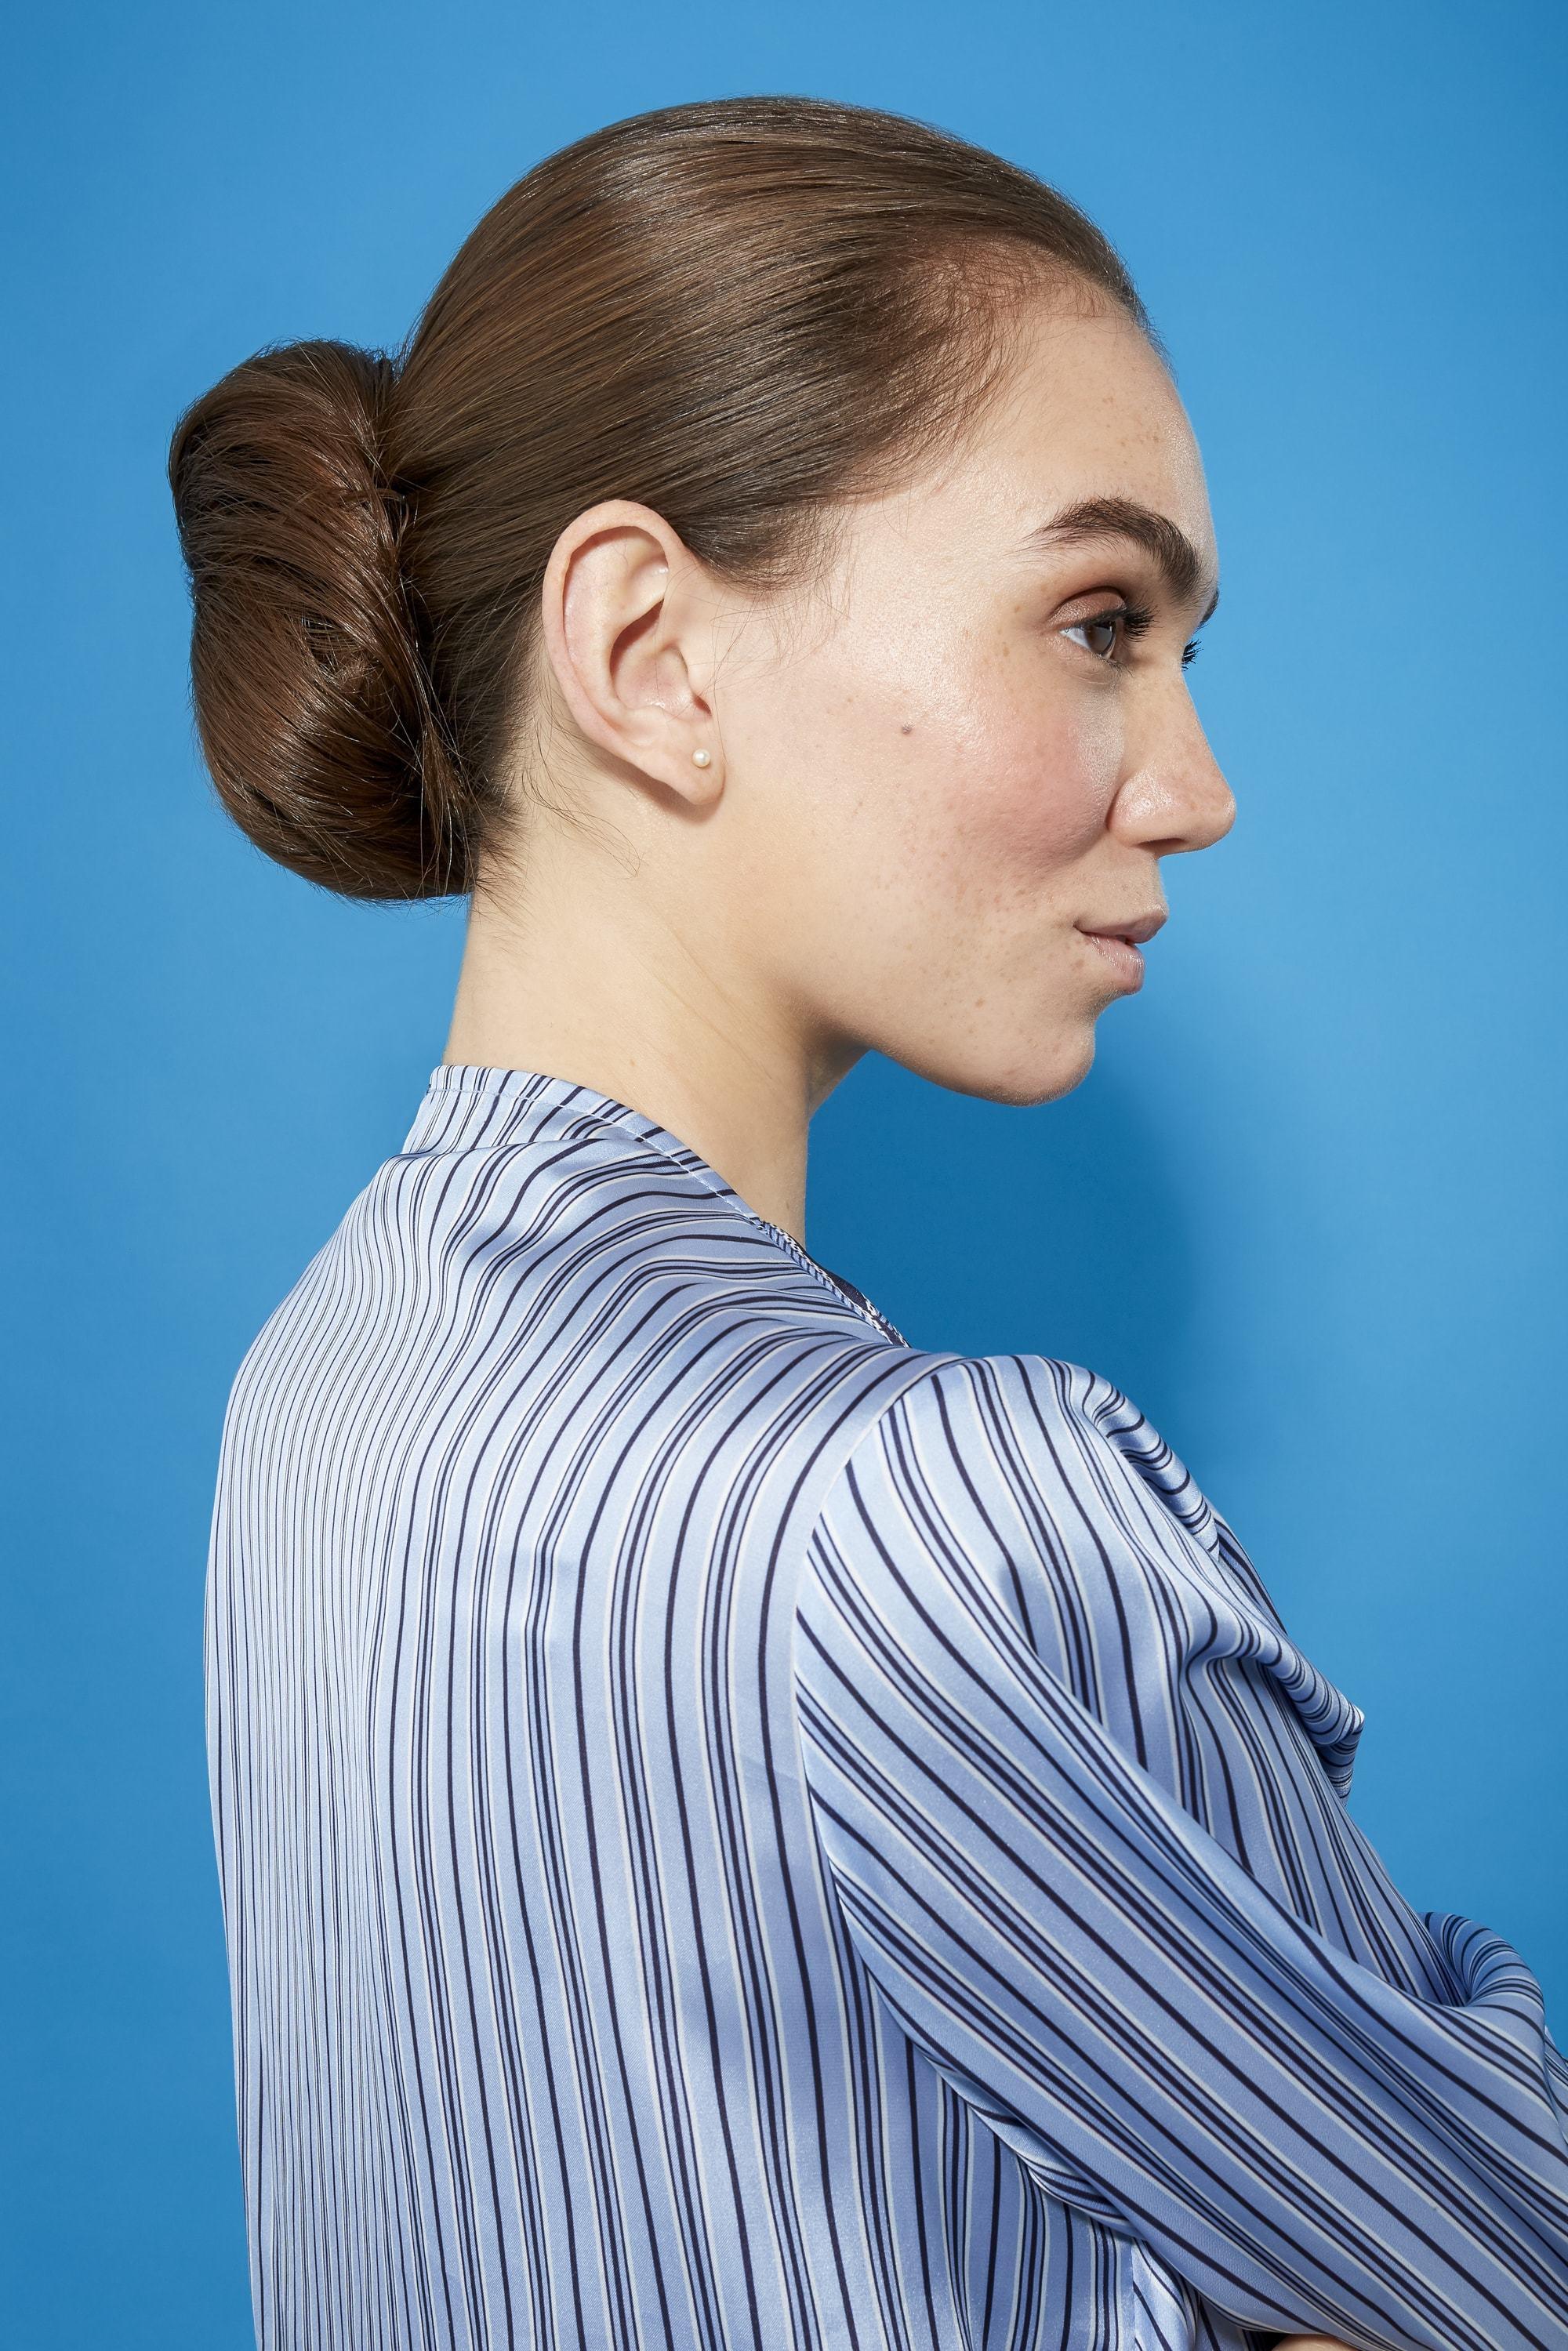 Coiffures faciles pour cheveux longs: Femme aux longs cheveux bruns droits dans un chignon bas en forme de beignet vêtue d'une chemise bleue à rayures.